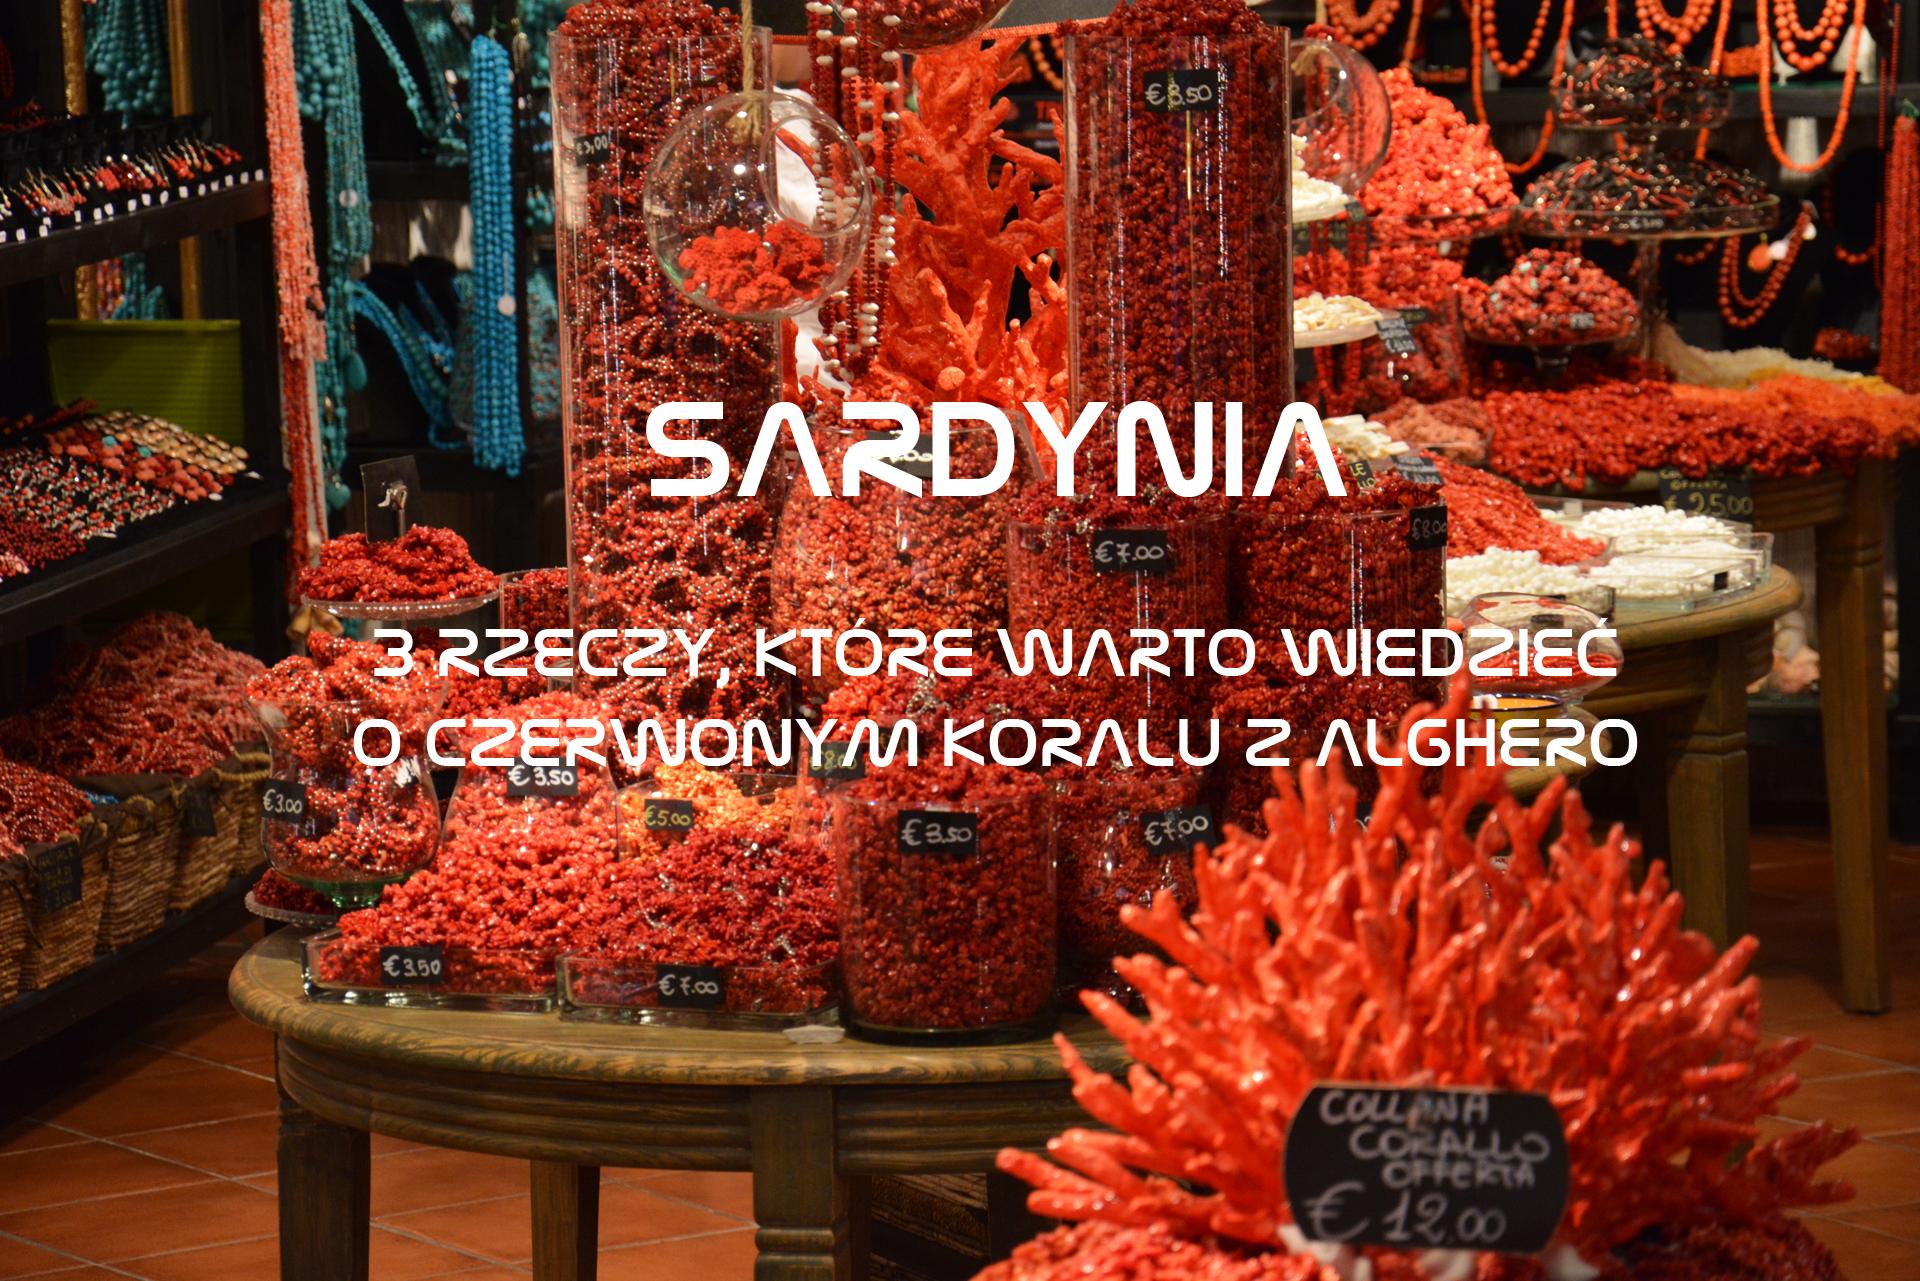 Sardynia - Czerwony koral z Alghero